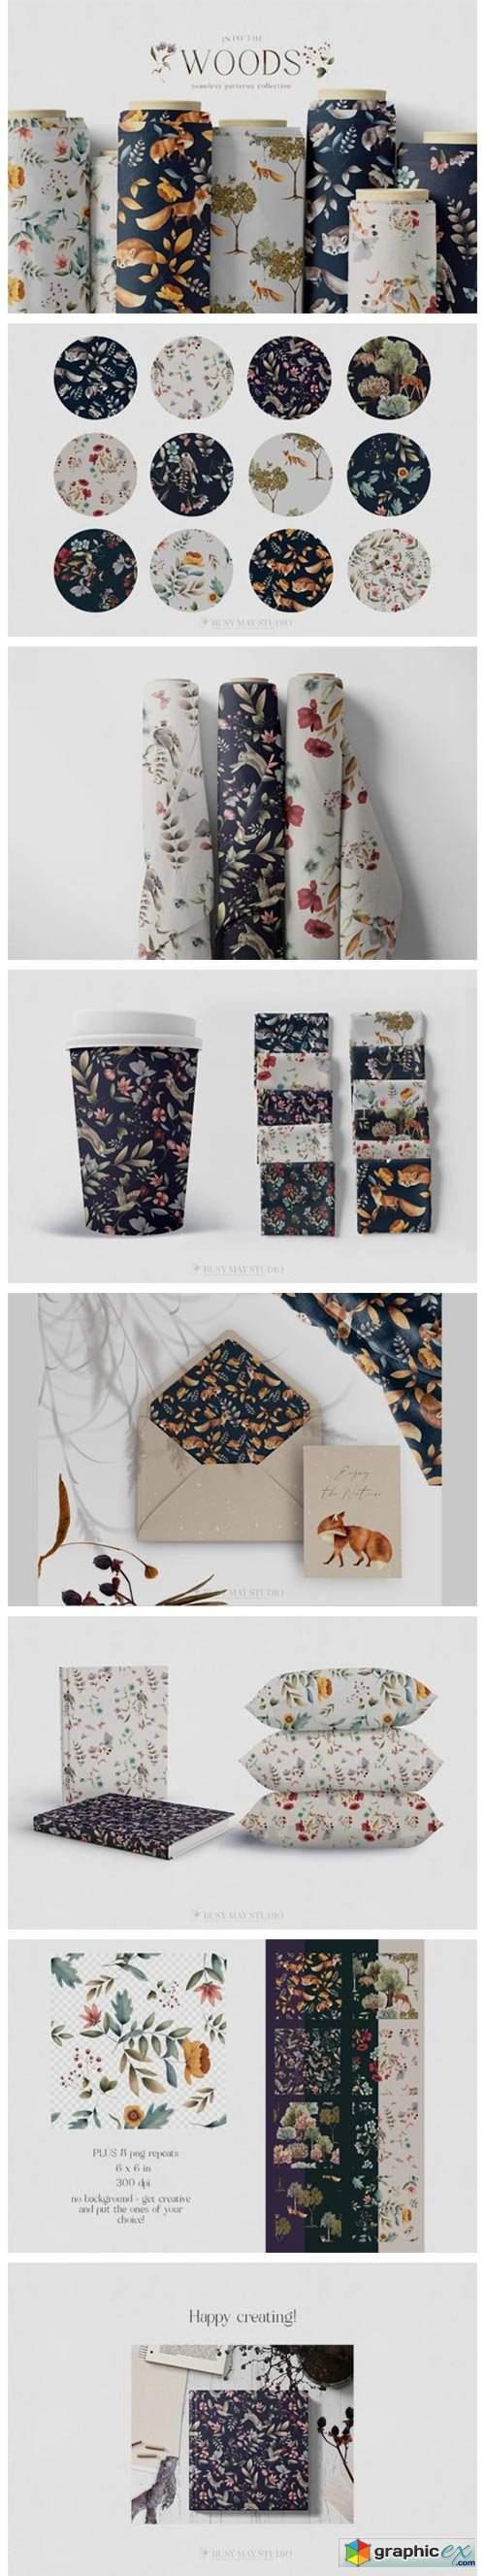 Woodland Scene Seamless Patterns JPEG